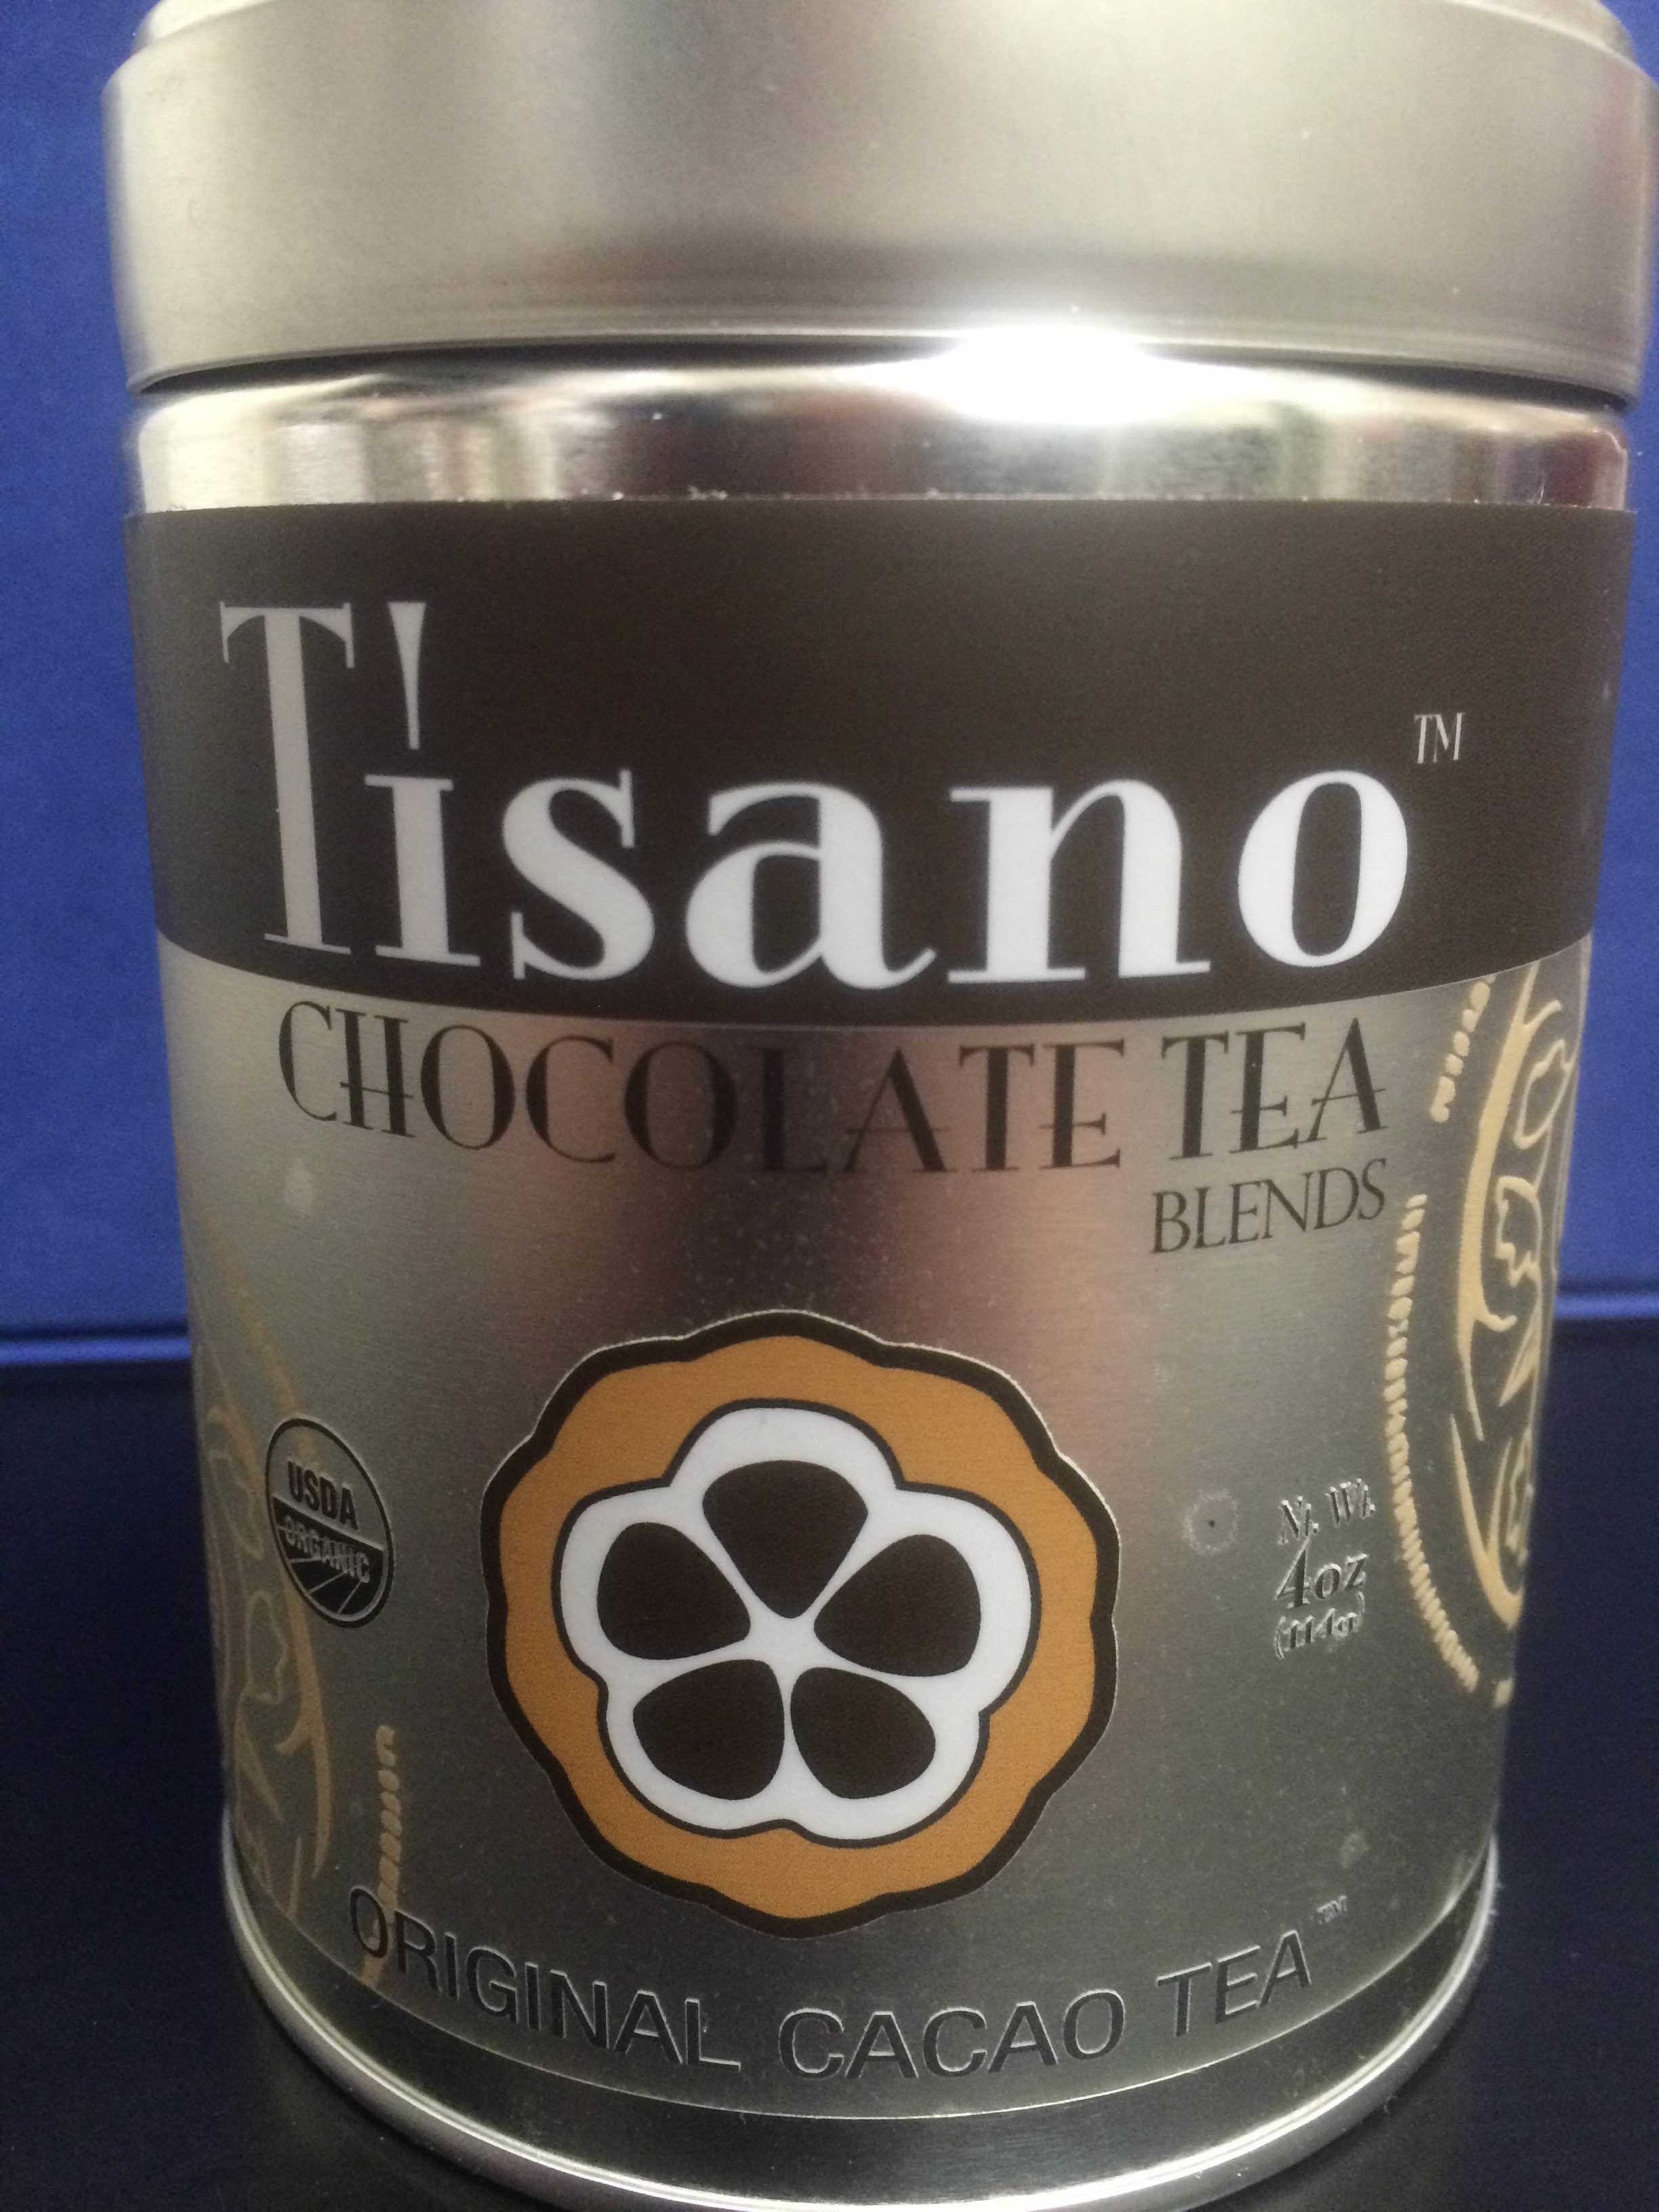 Tisano チョコレートティー(カカオティー)